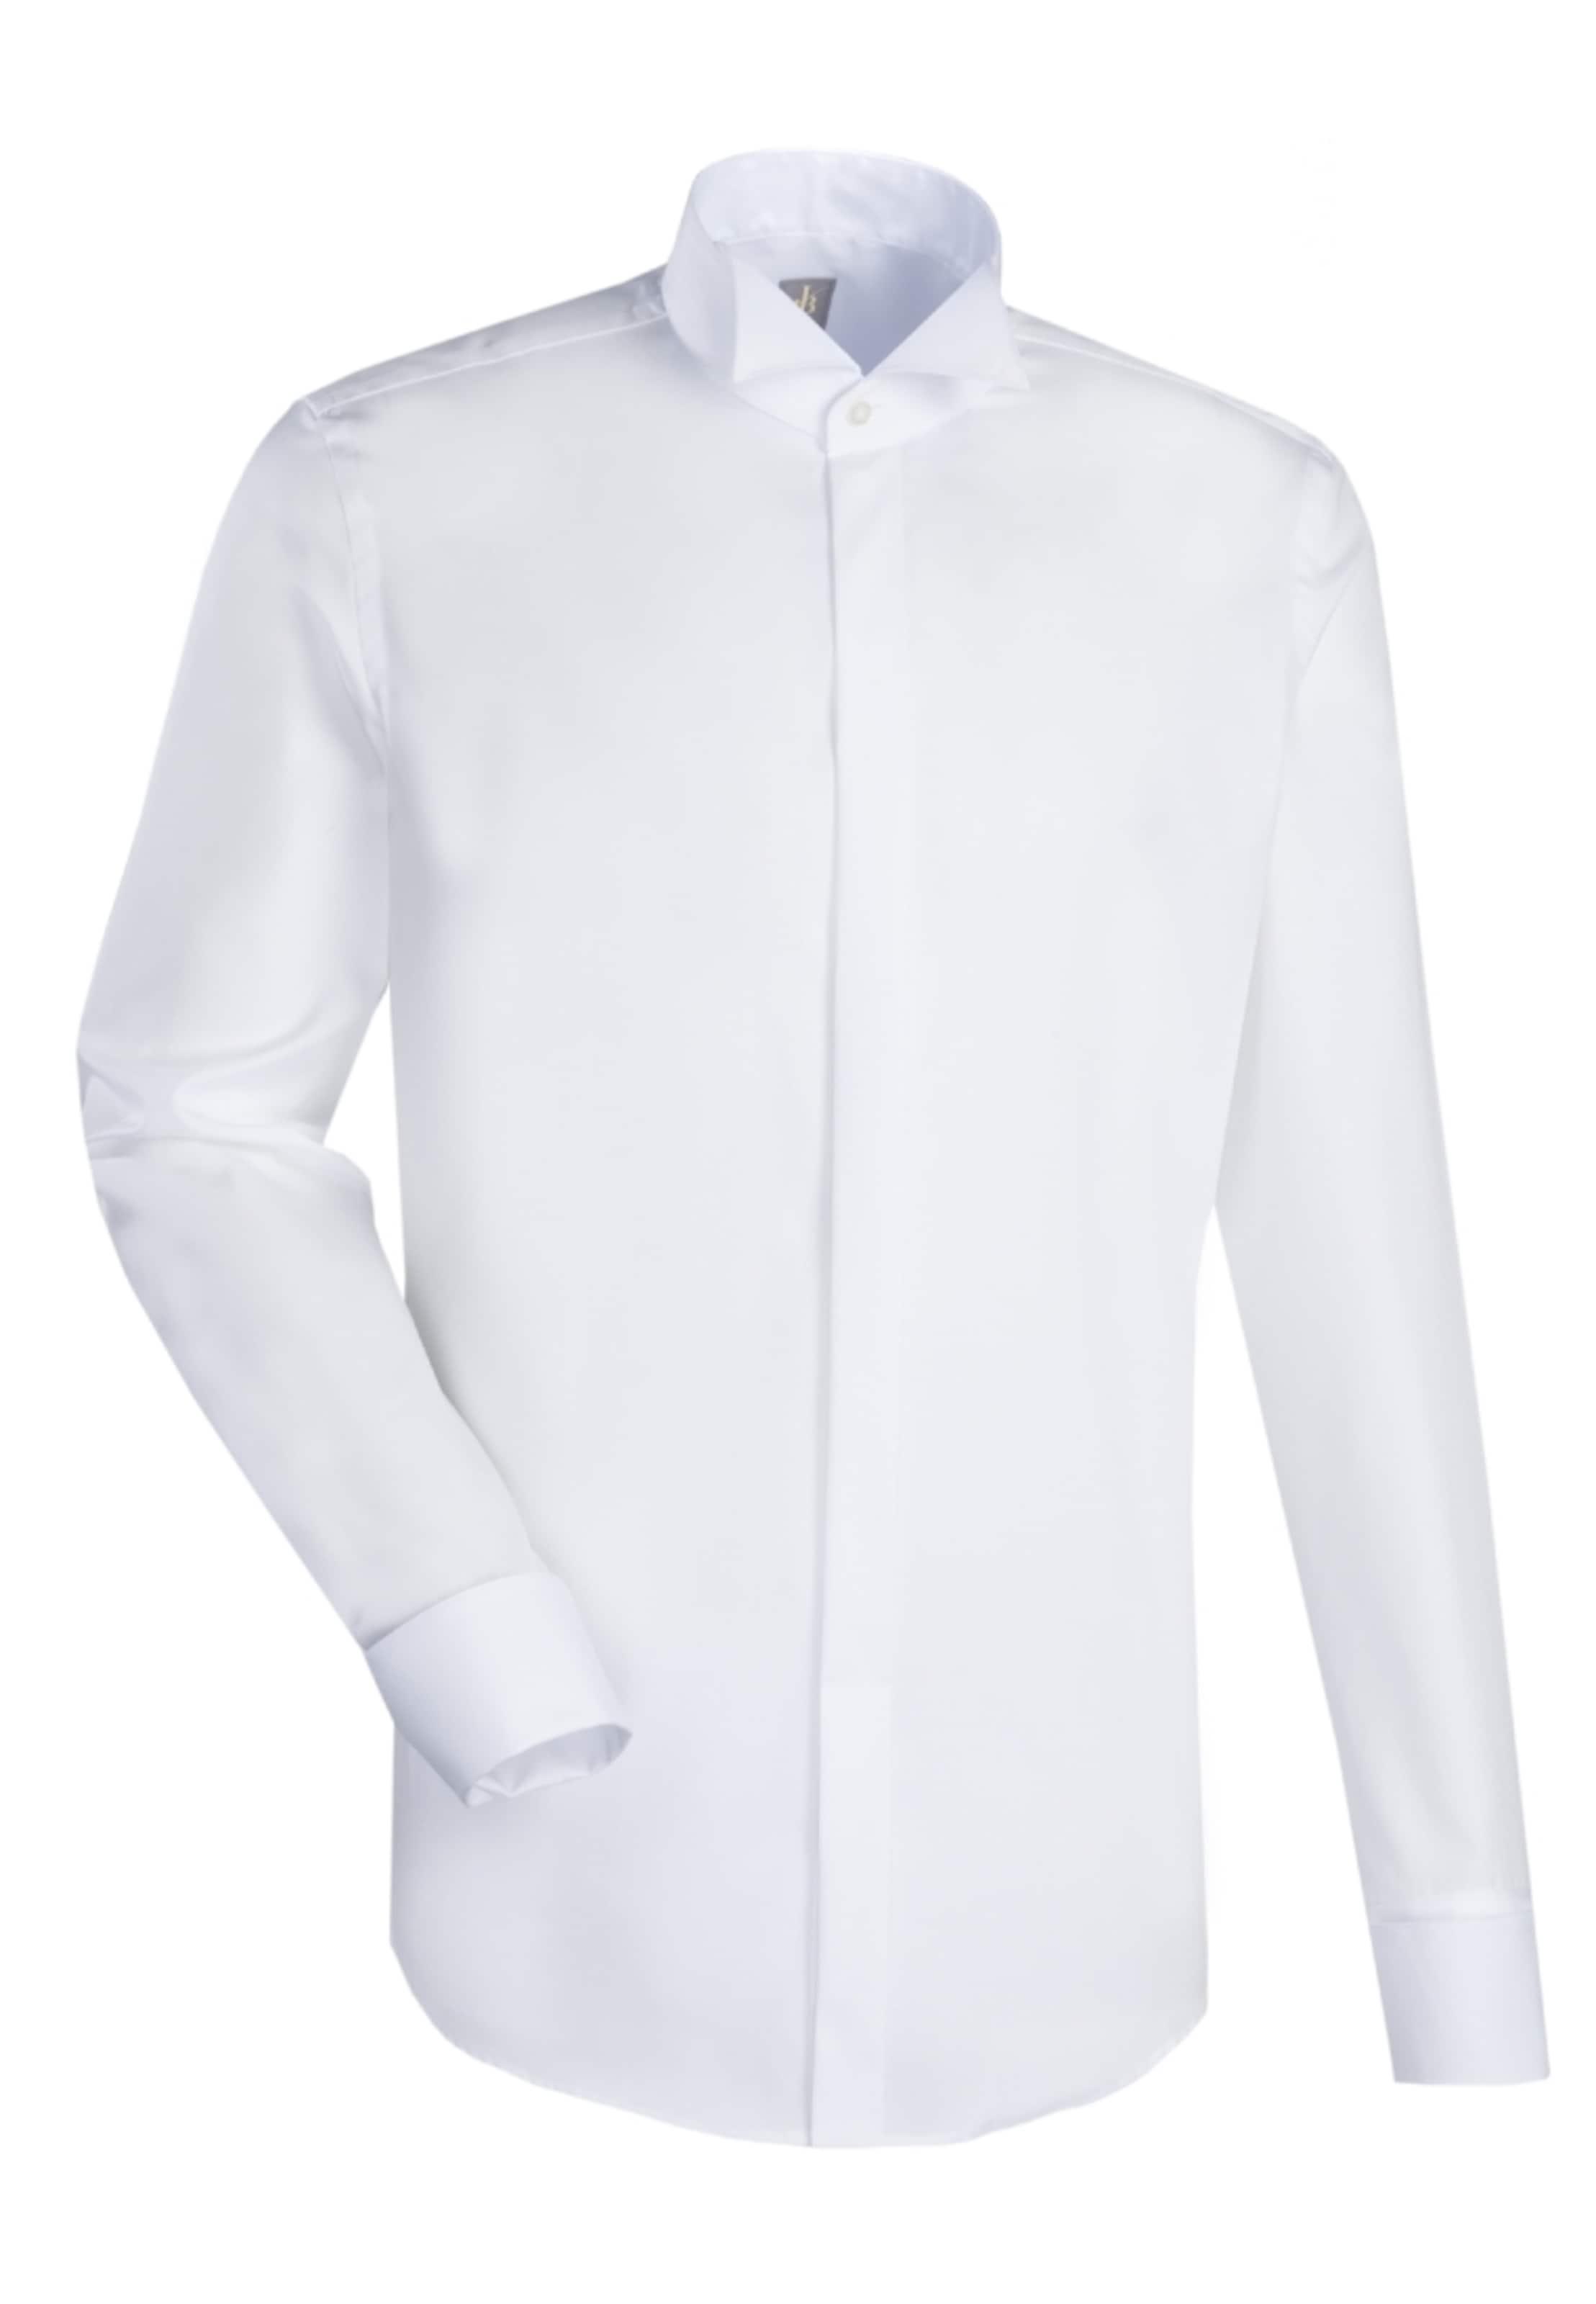 Jacques Britt City-Hemd ' Slim Fit ' 100% Authentisch Spielraum Mit Kreditkarte Freies Verschiffen 2018 Billig Verkauf Breite Palette Von rskL4E